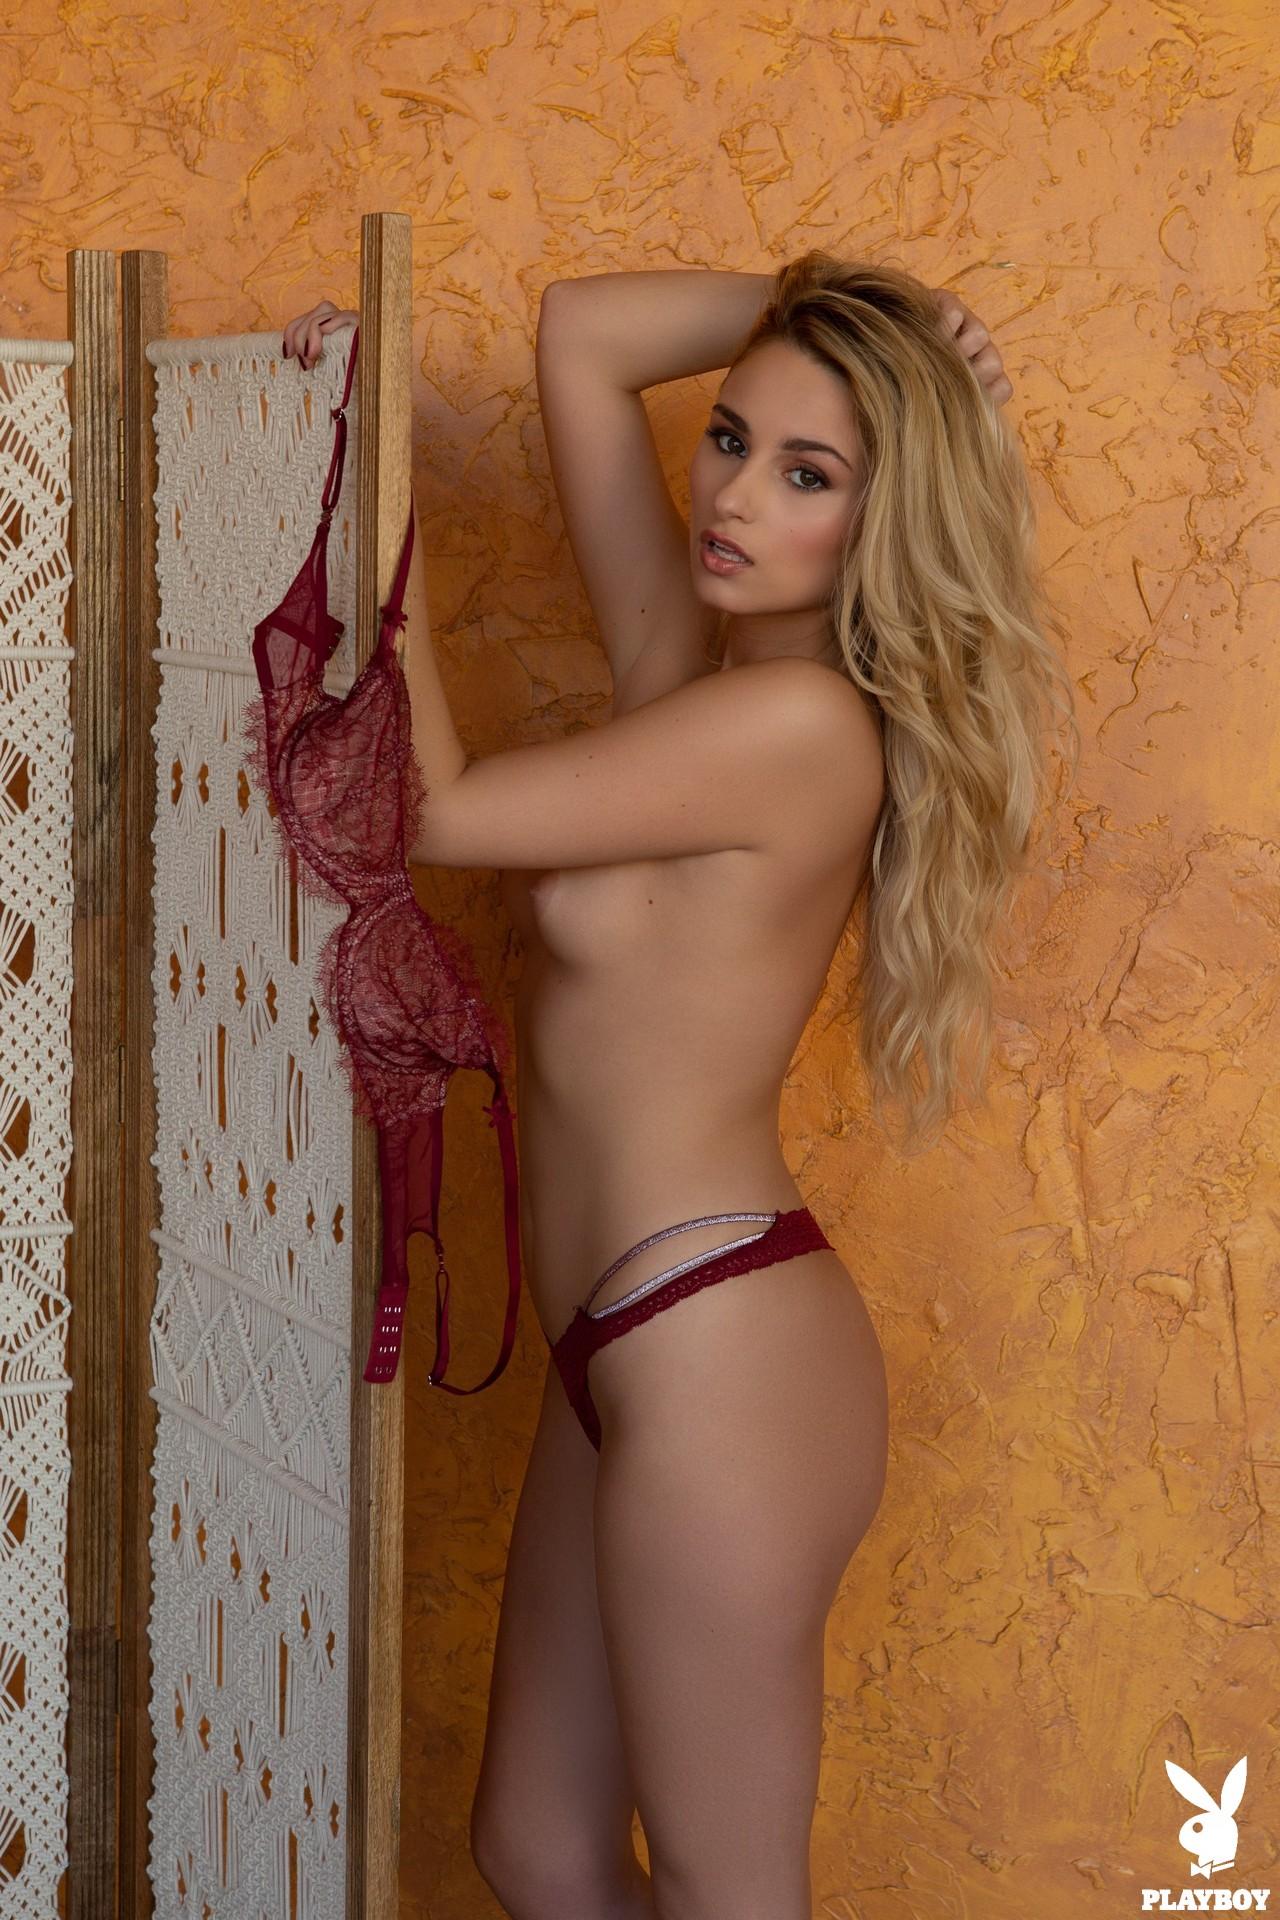 Lindsay Marie In Something Comfortable Playboy Plus (38)